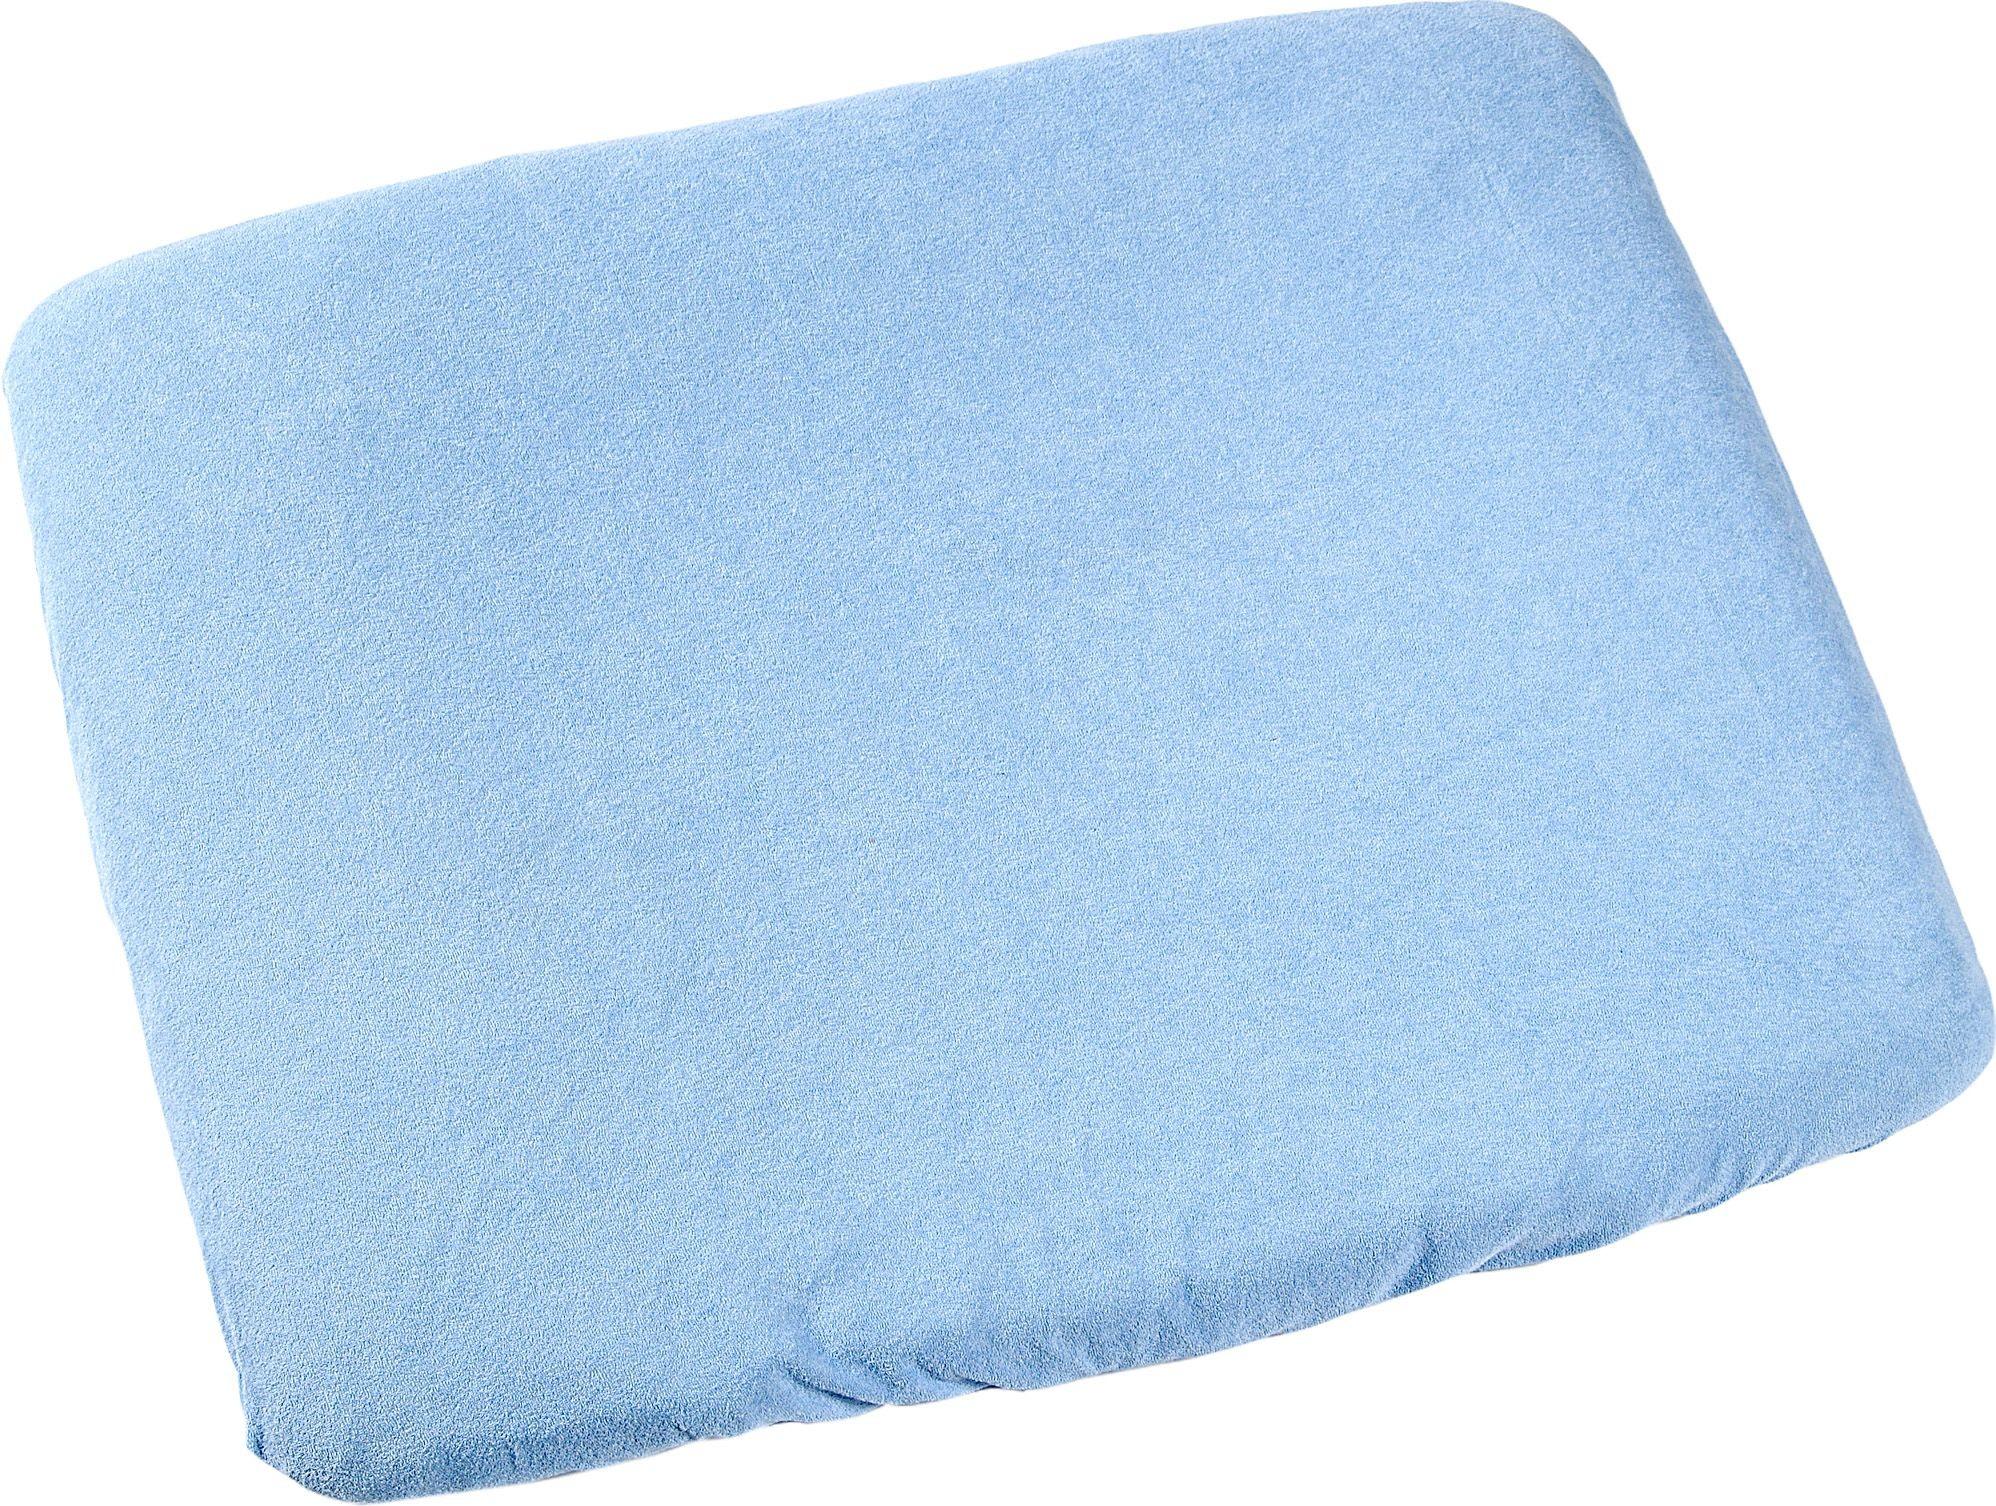 Odenwälder Frottee-Bezug Wickelauflage hellblau